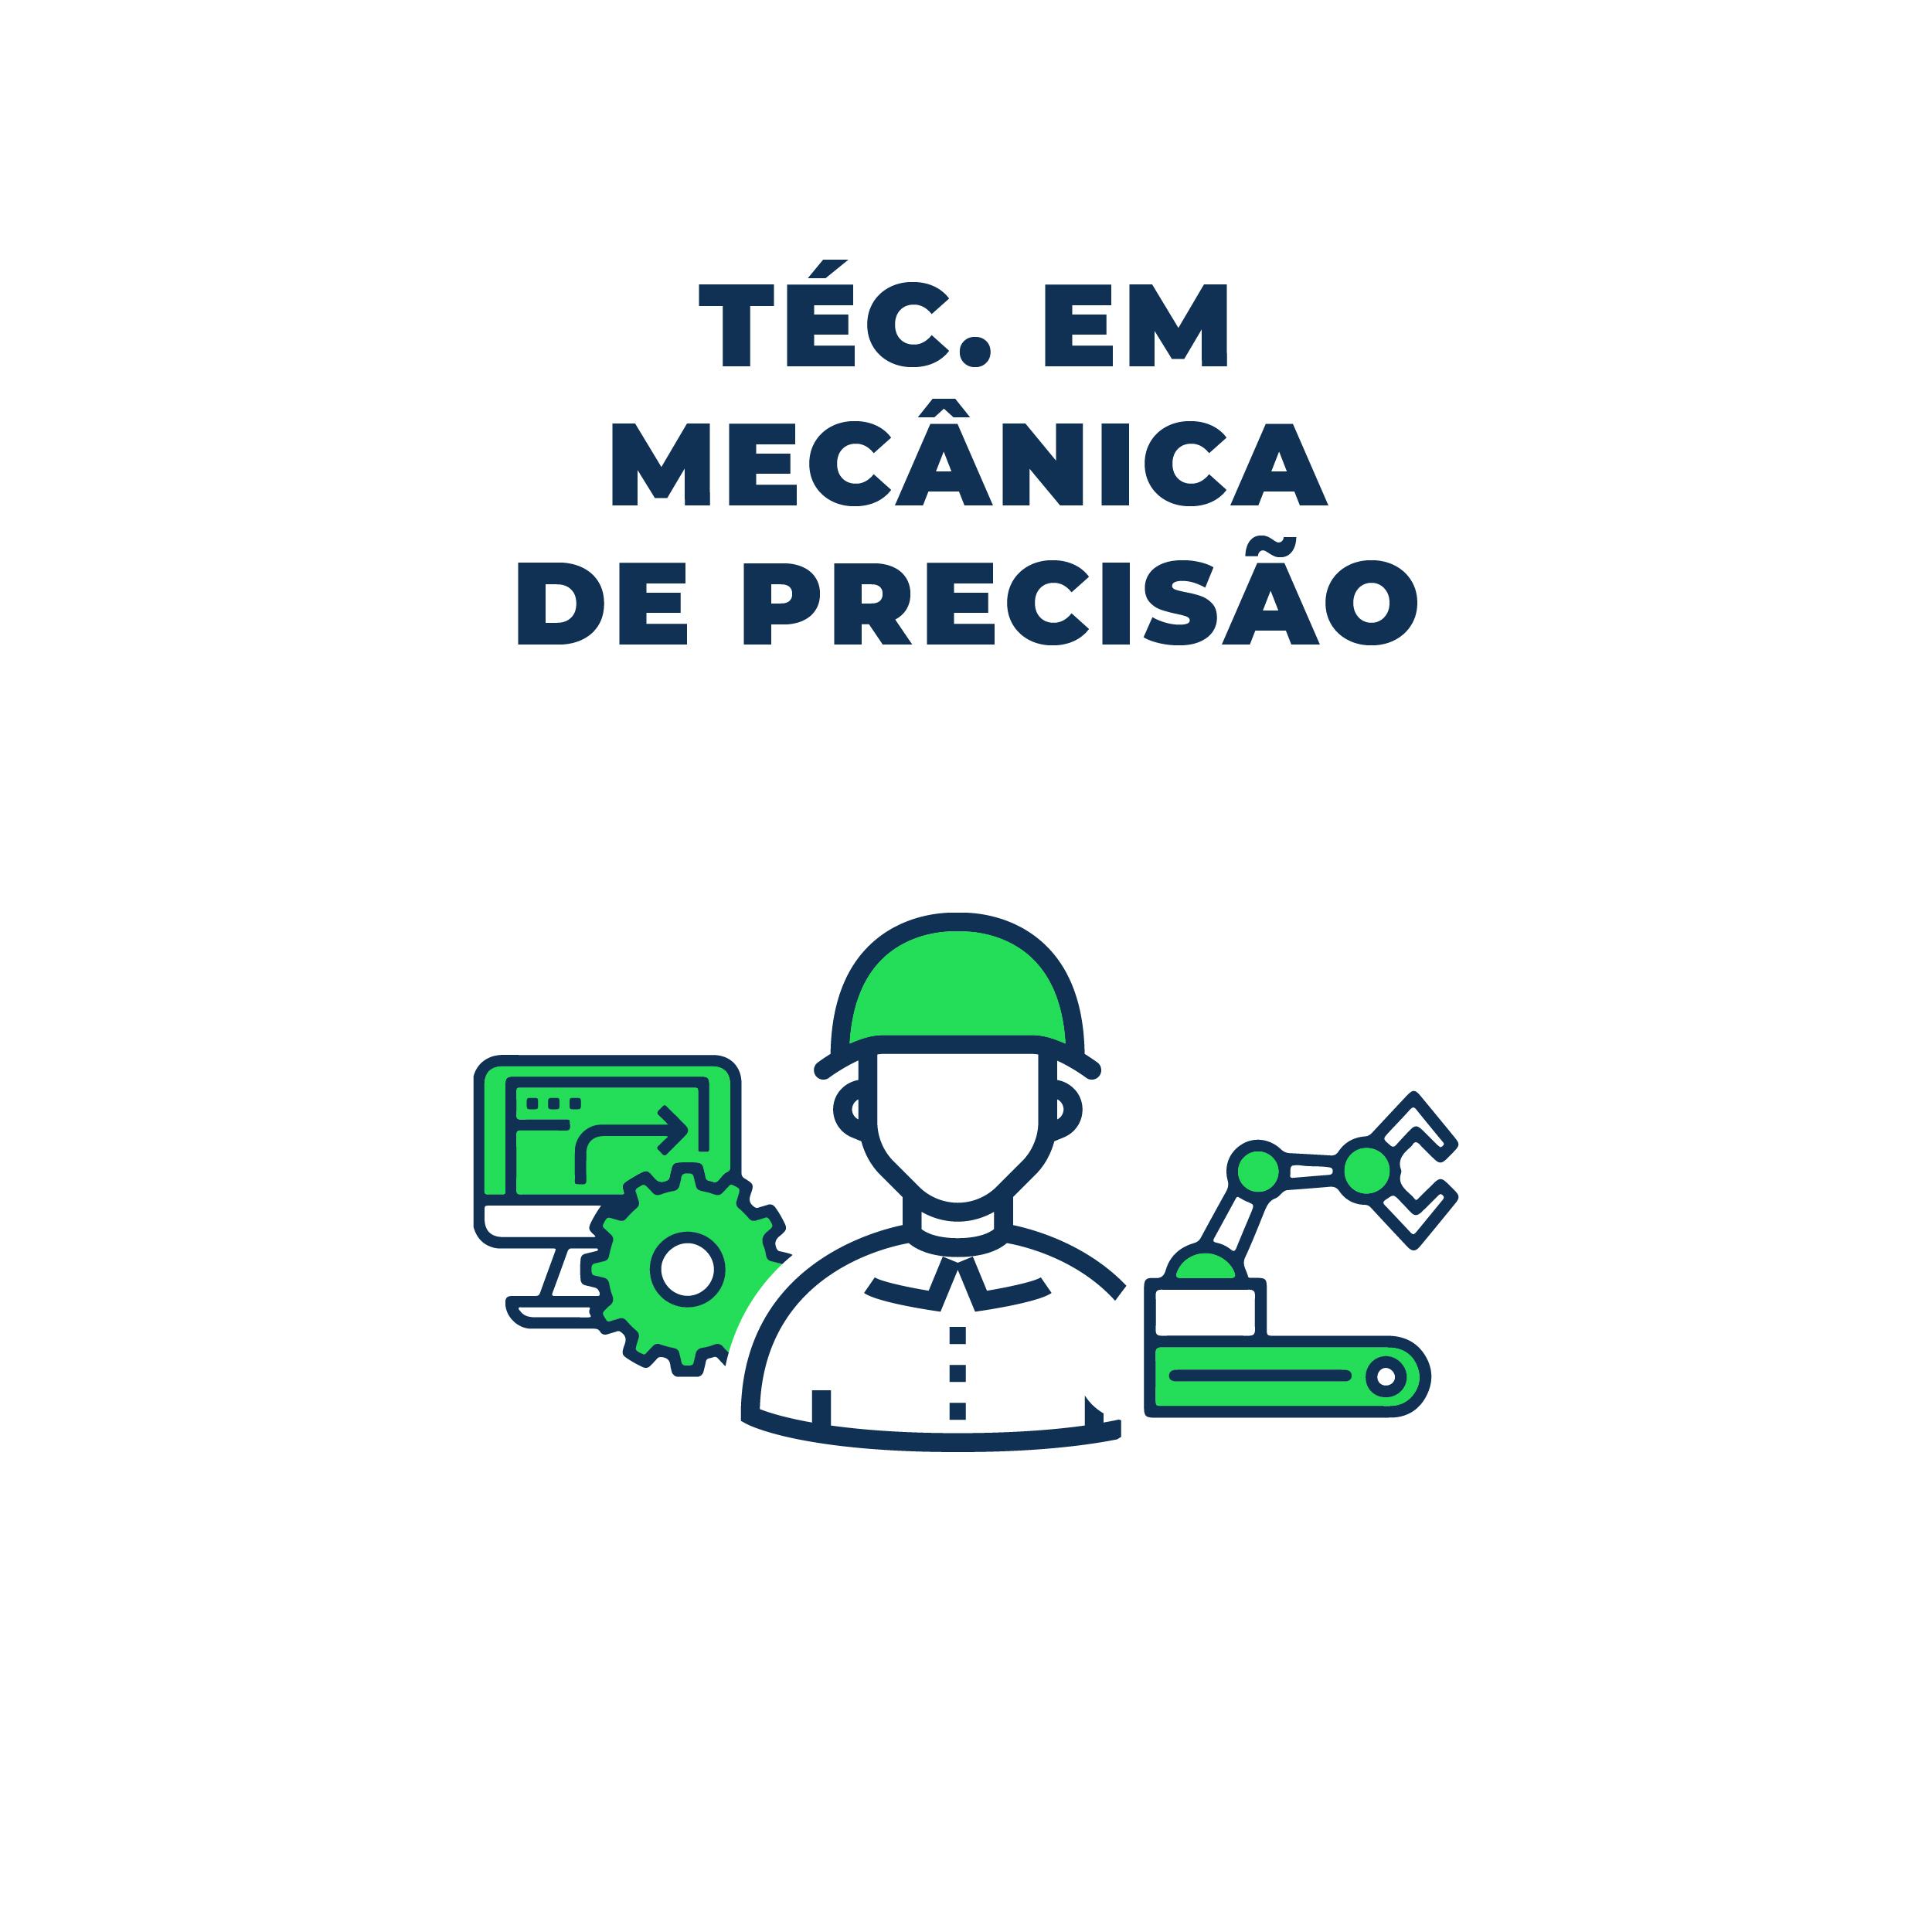 mecanica de precisao